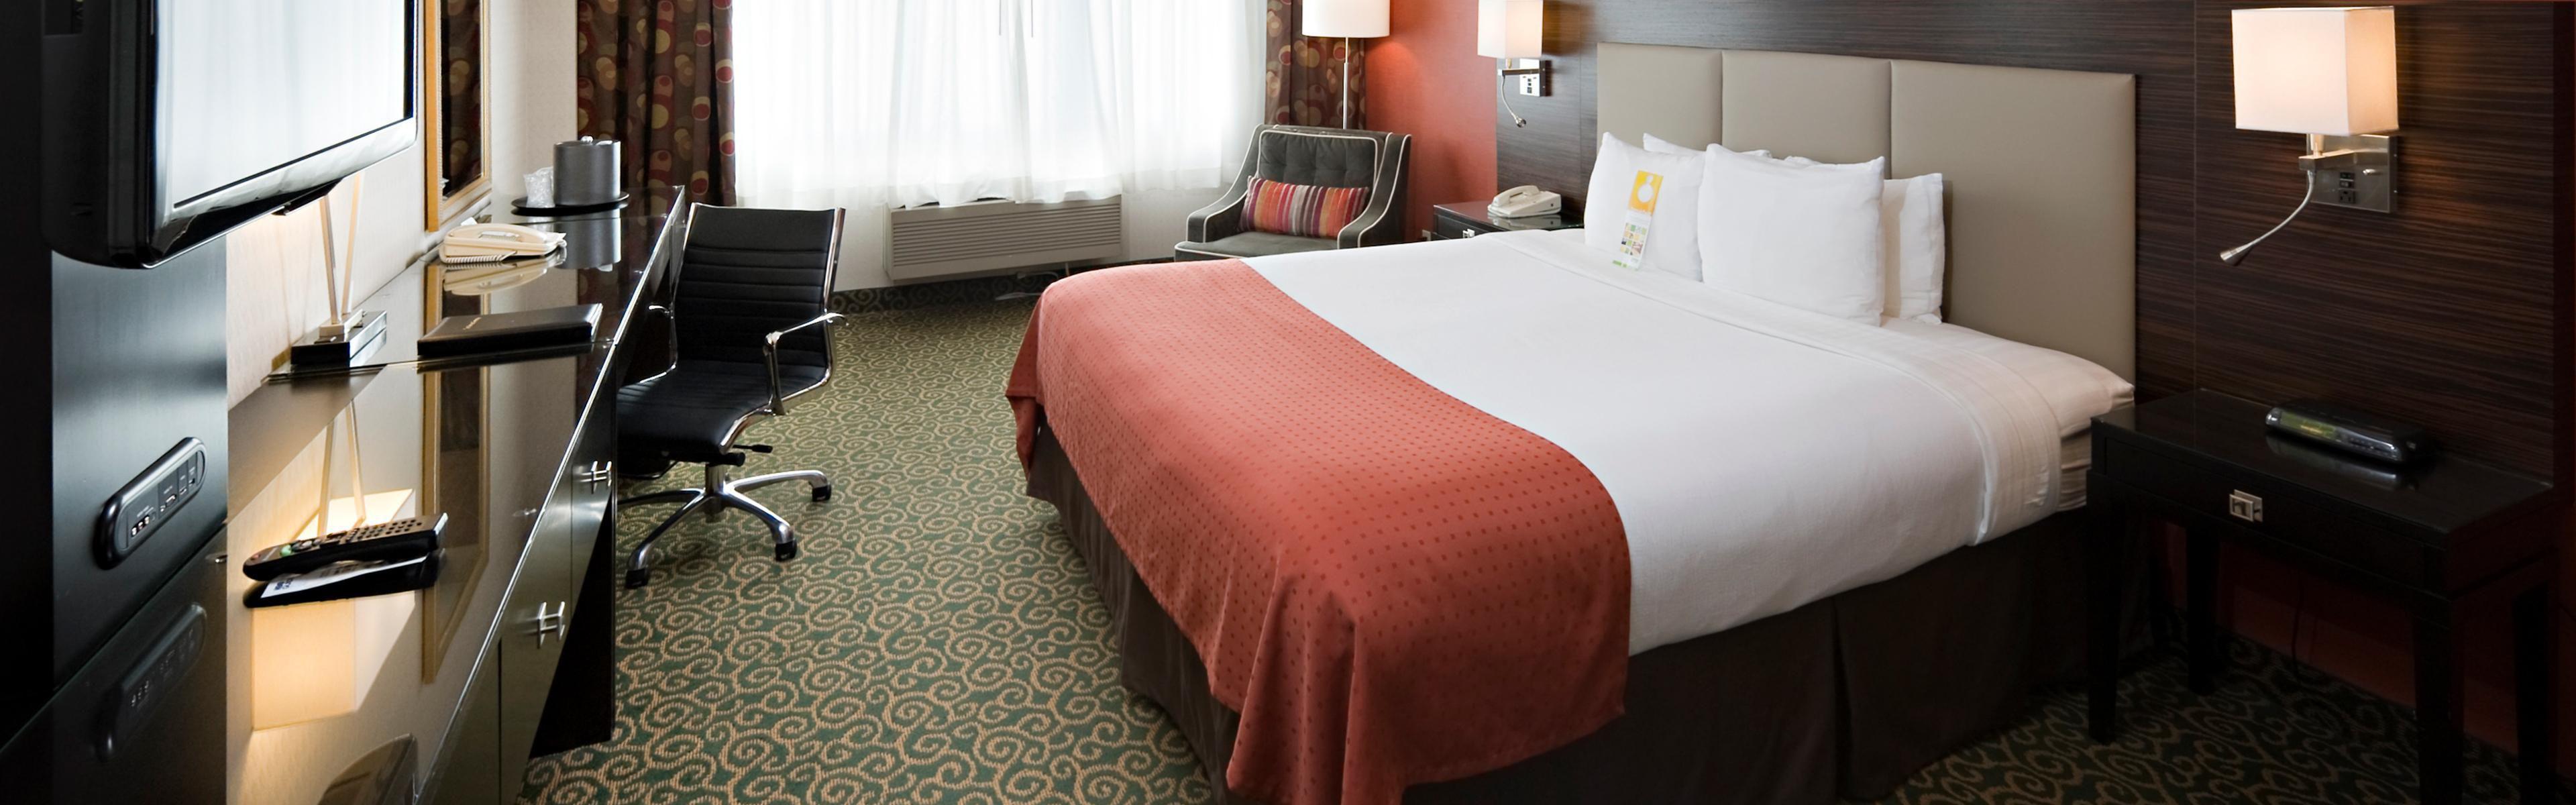 Holiday Inn San Francisco Airport image 1